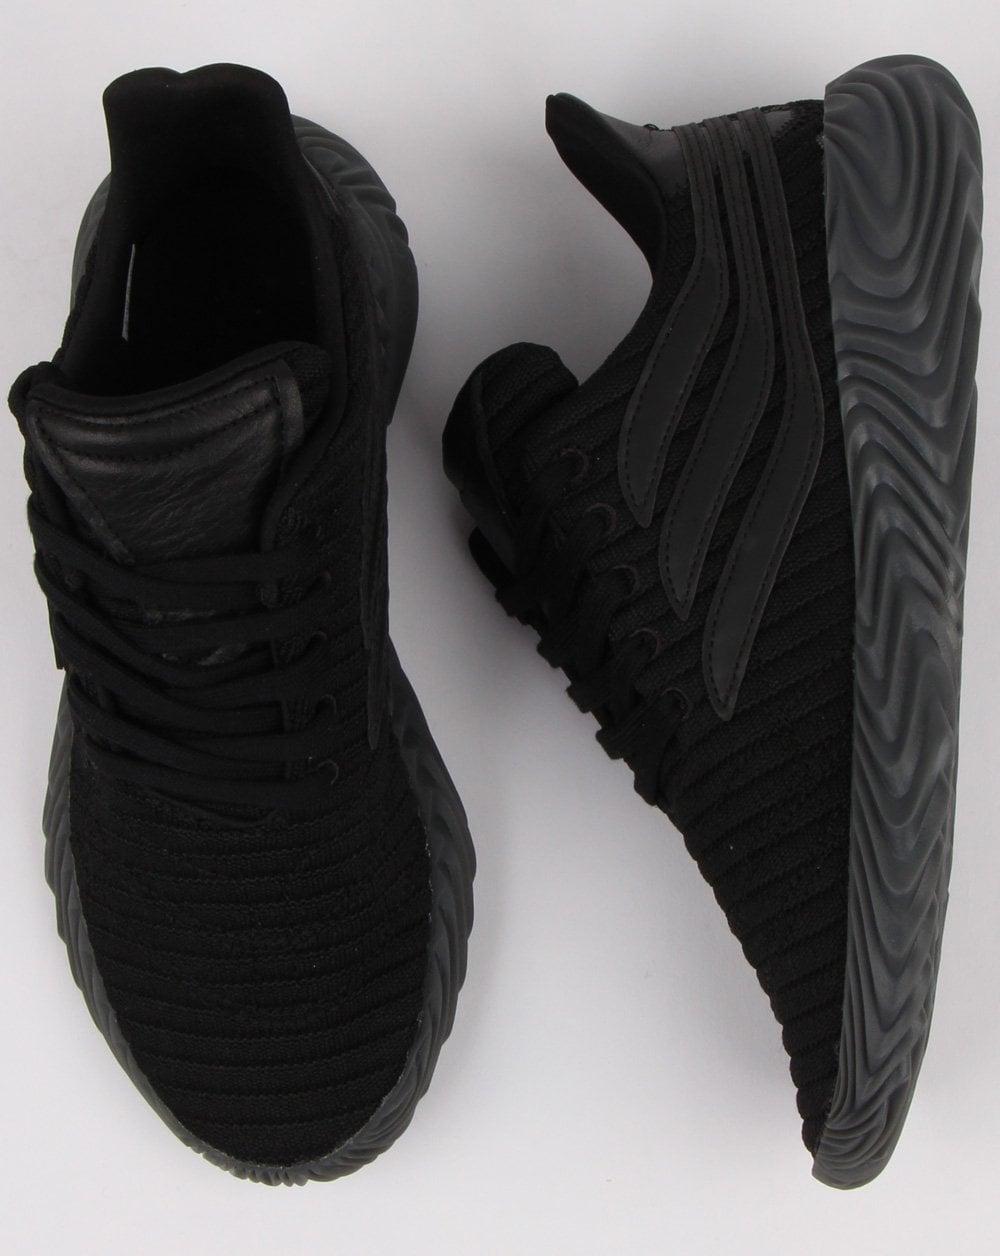 61e1c20fb42551 Adidas Sobakov Trainers, Black, Mens, Footwear, Trainers